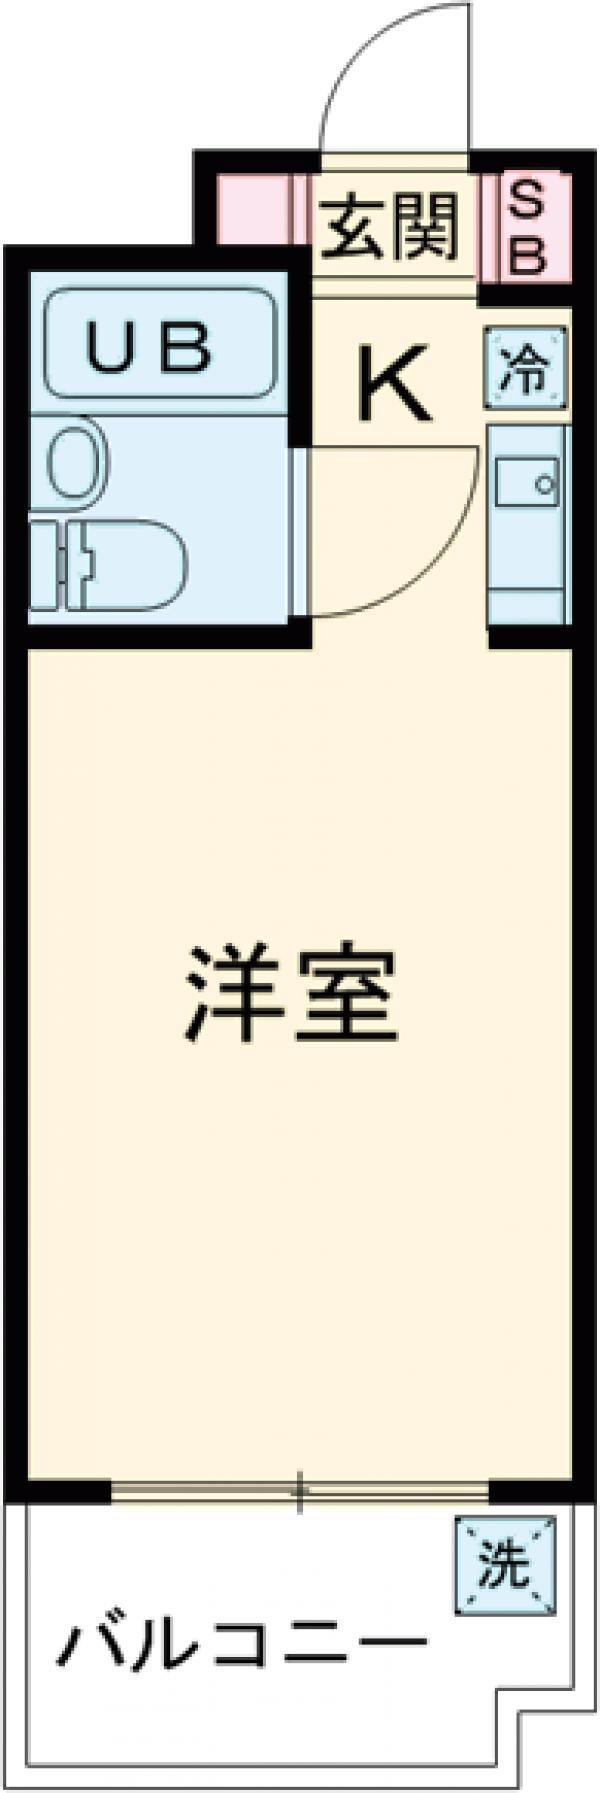 ユースフル中野坂上・0102号室の間取り